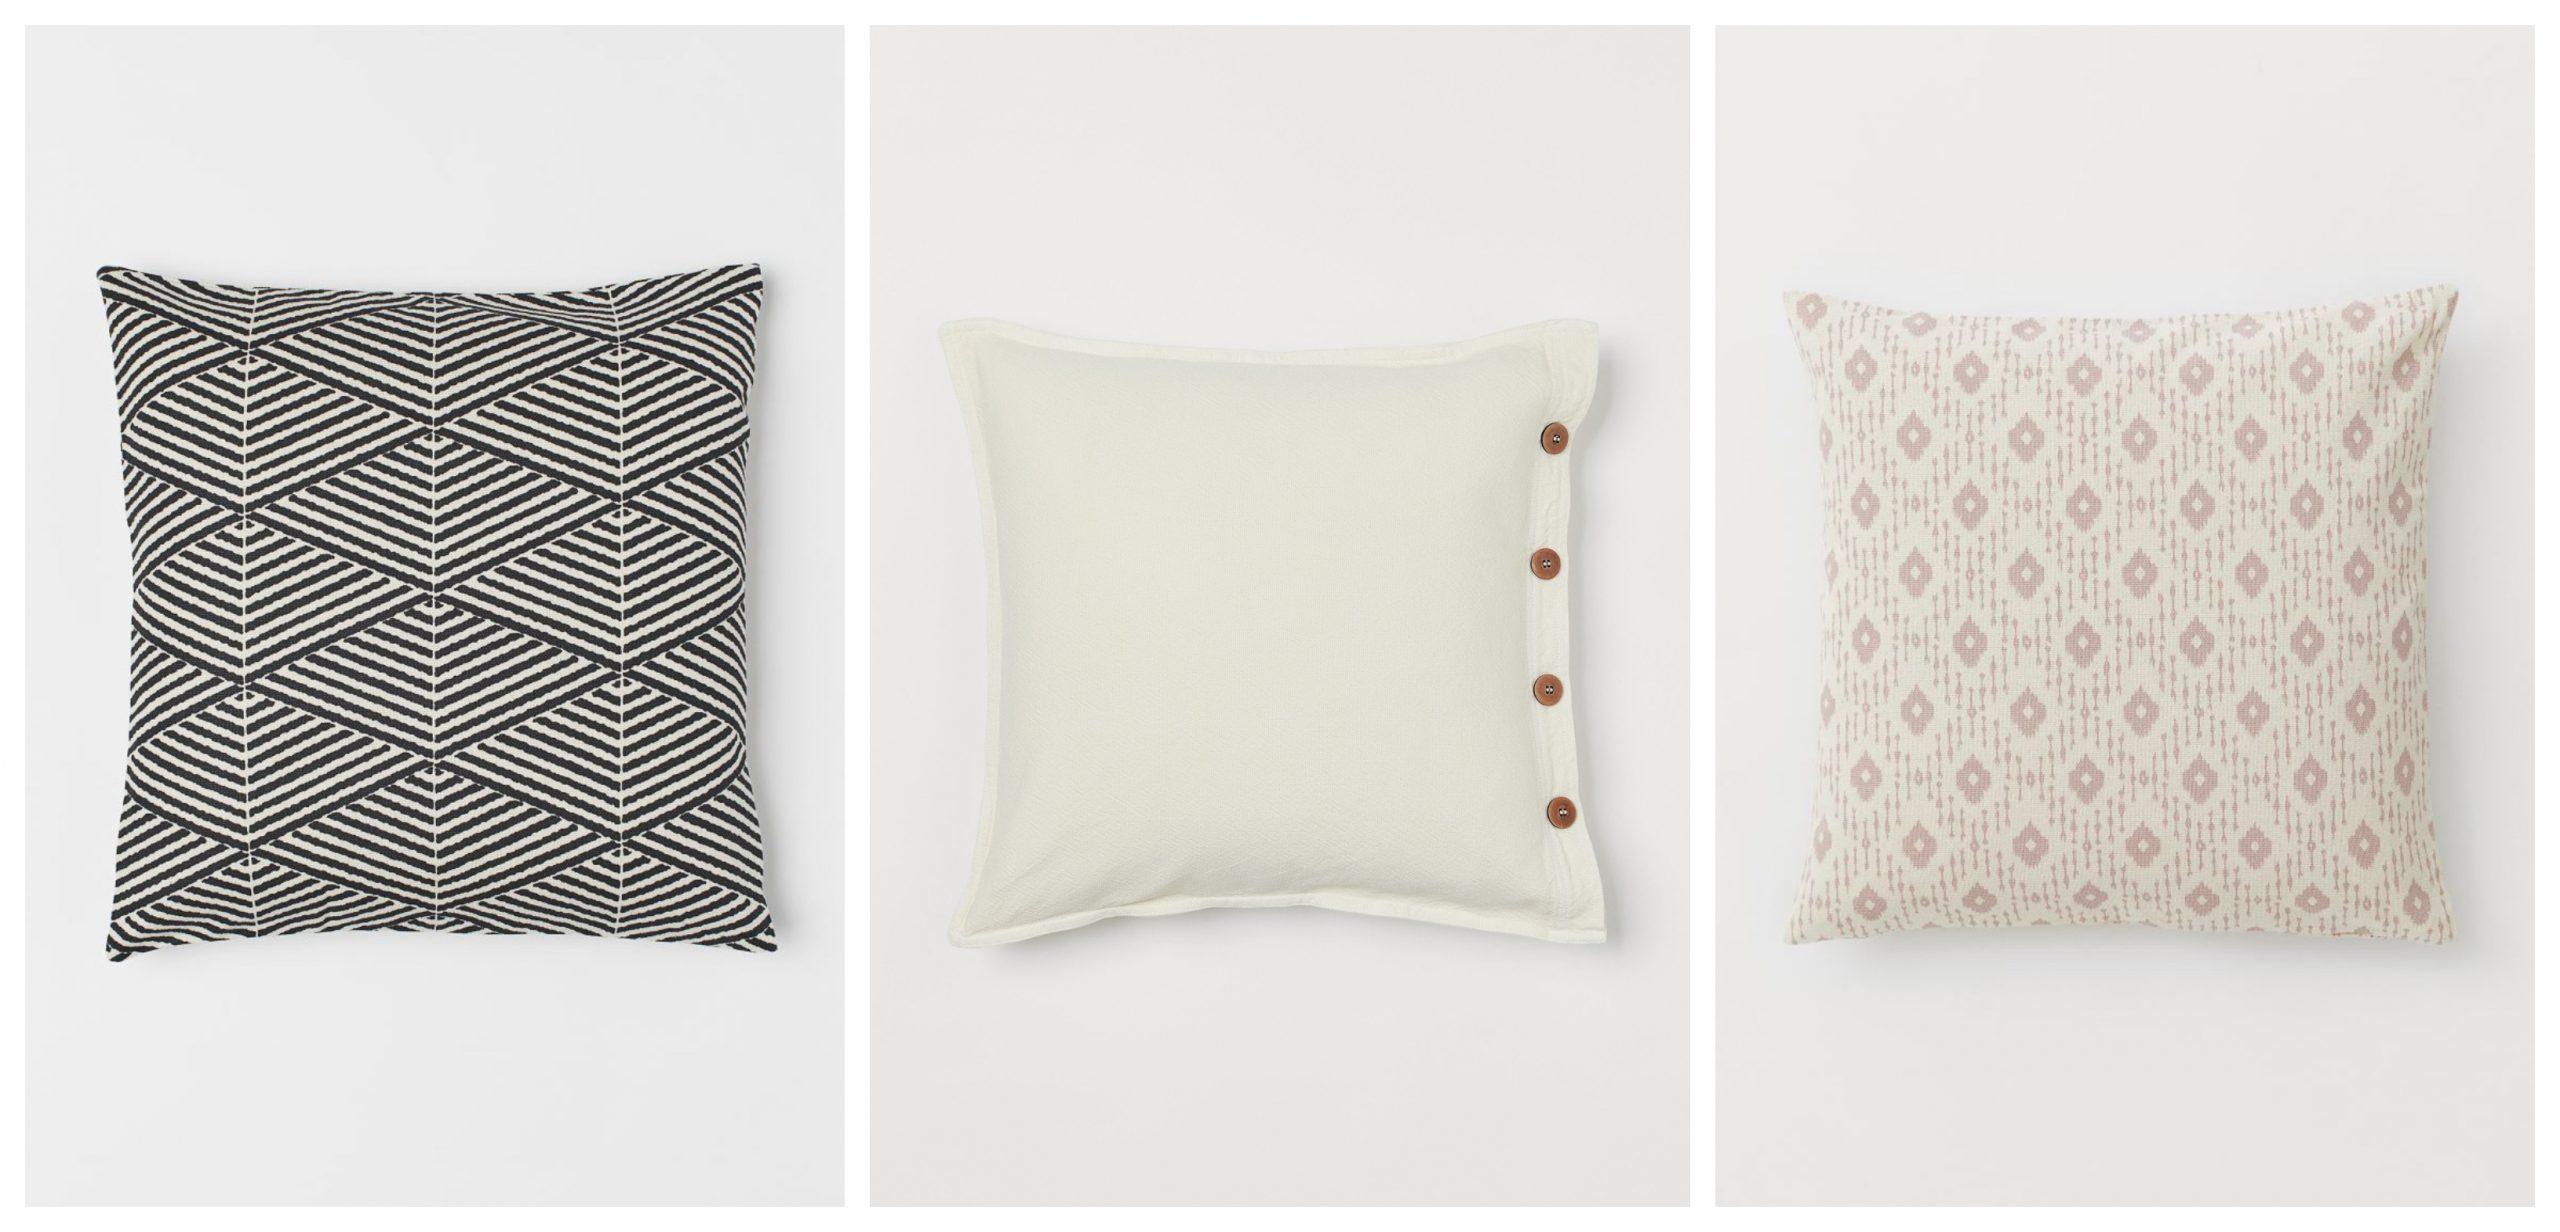 3 diseños diferentes de fundas de cojines de H&M home rebajados para redorar tu casa.